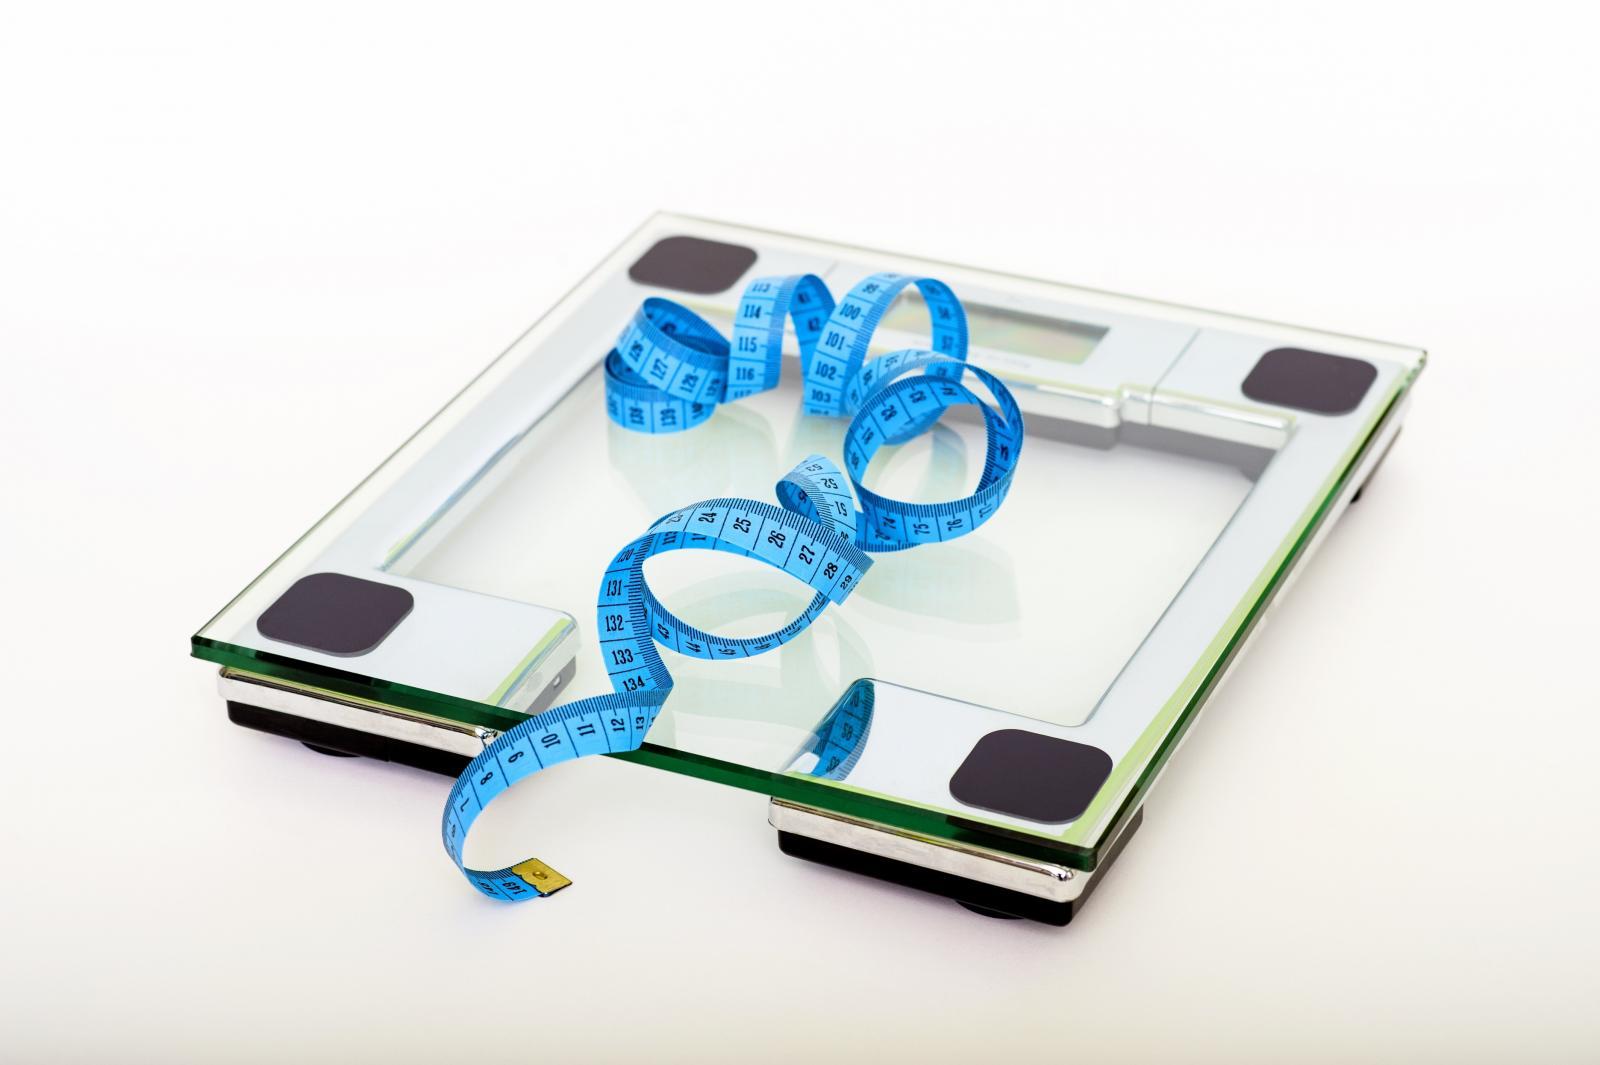 吃麥當勞會瘦?美國論壇爆紅「速食減肥餐」,百斤美女實測,結果出乎你意料之外-0